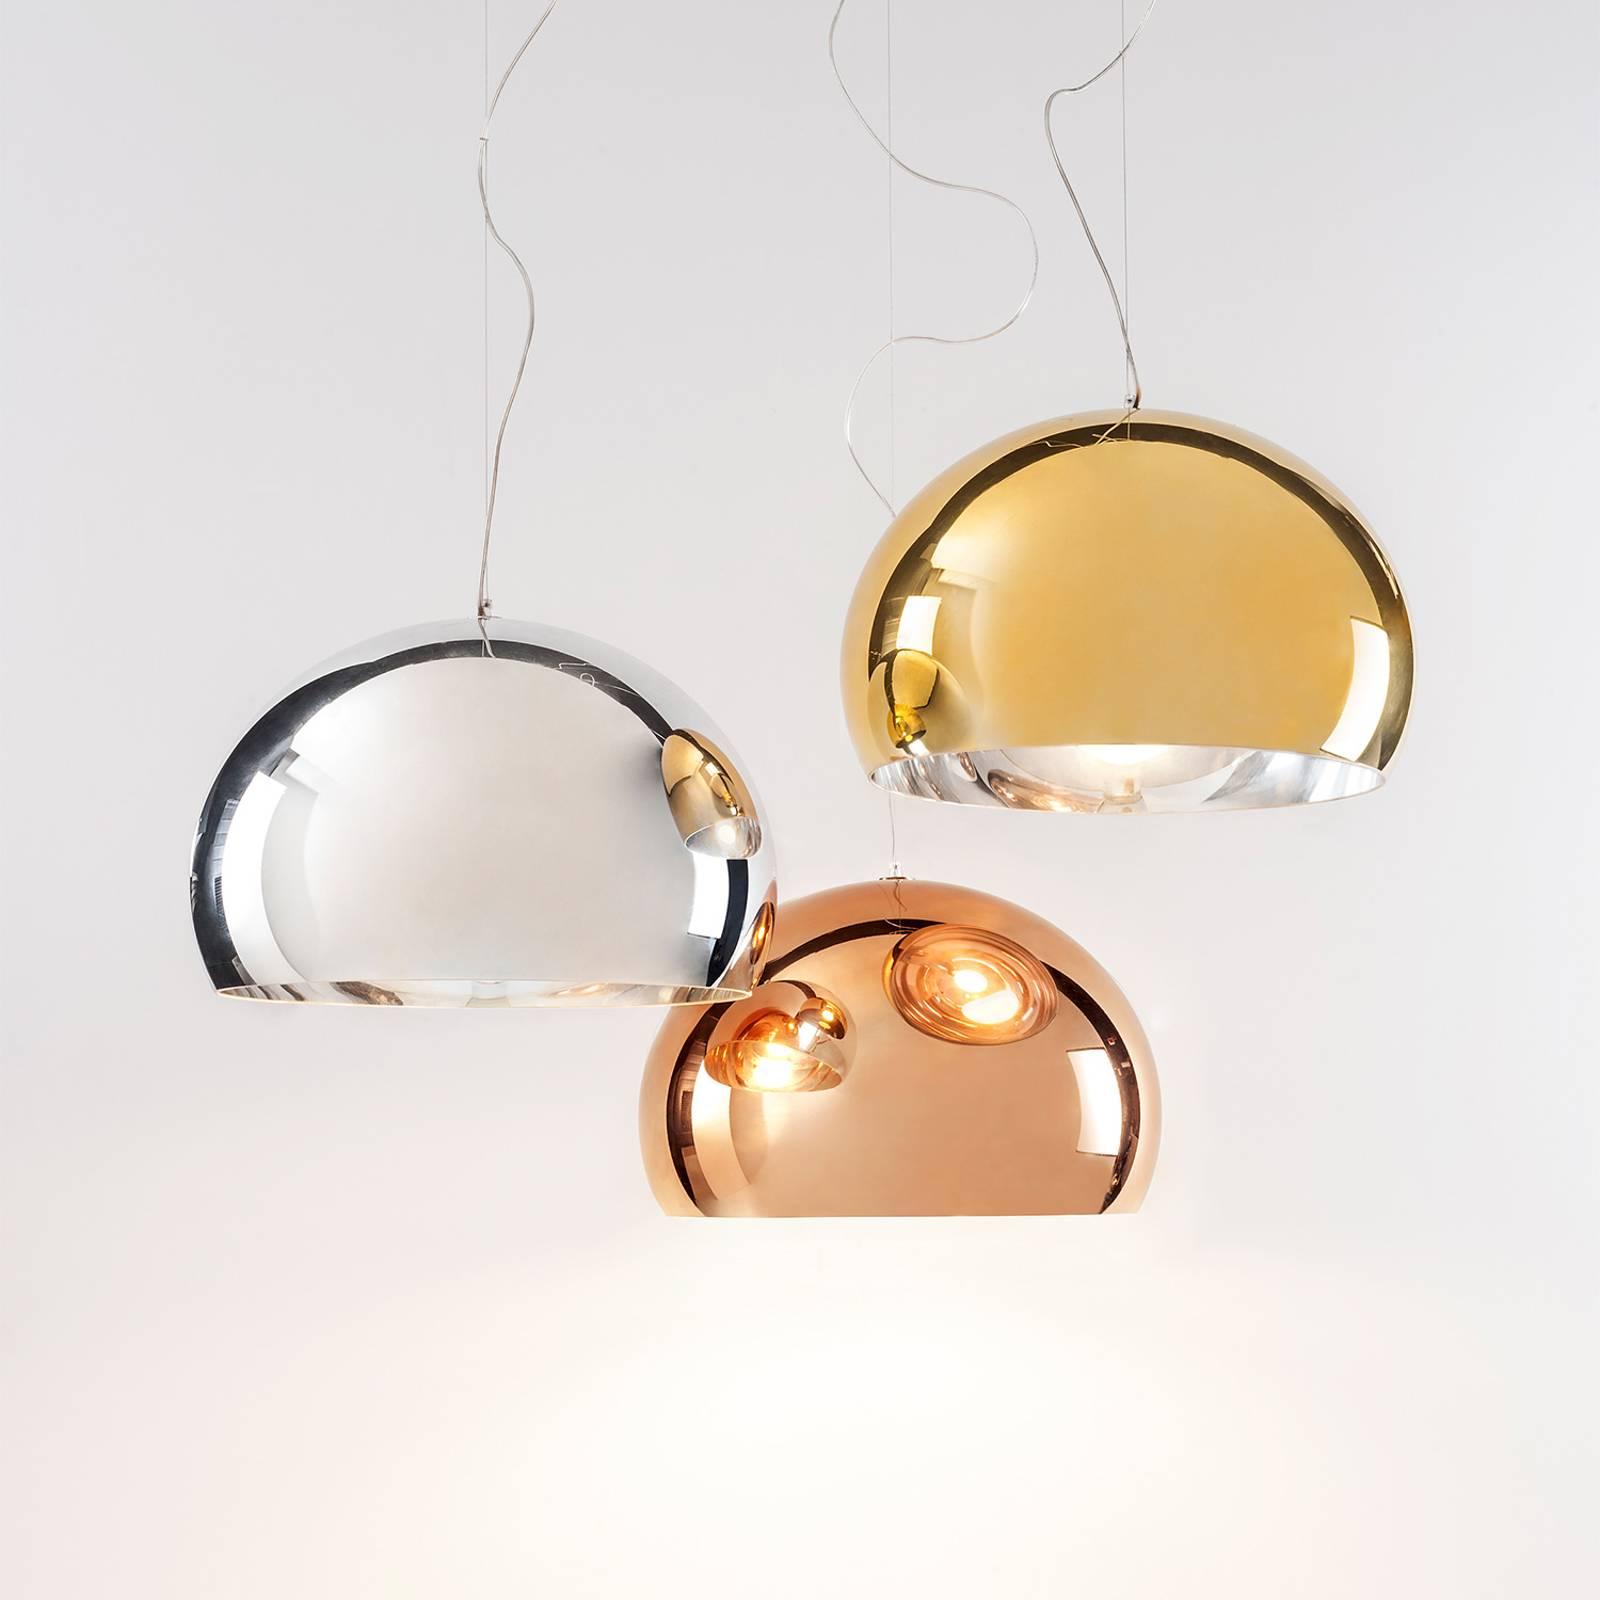 Billede af Kartell FL/Y - LED-hængelampe, blank kobber